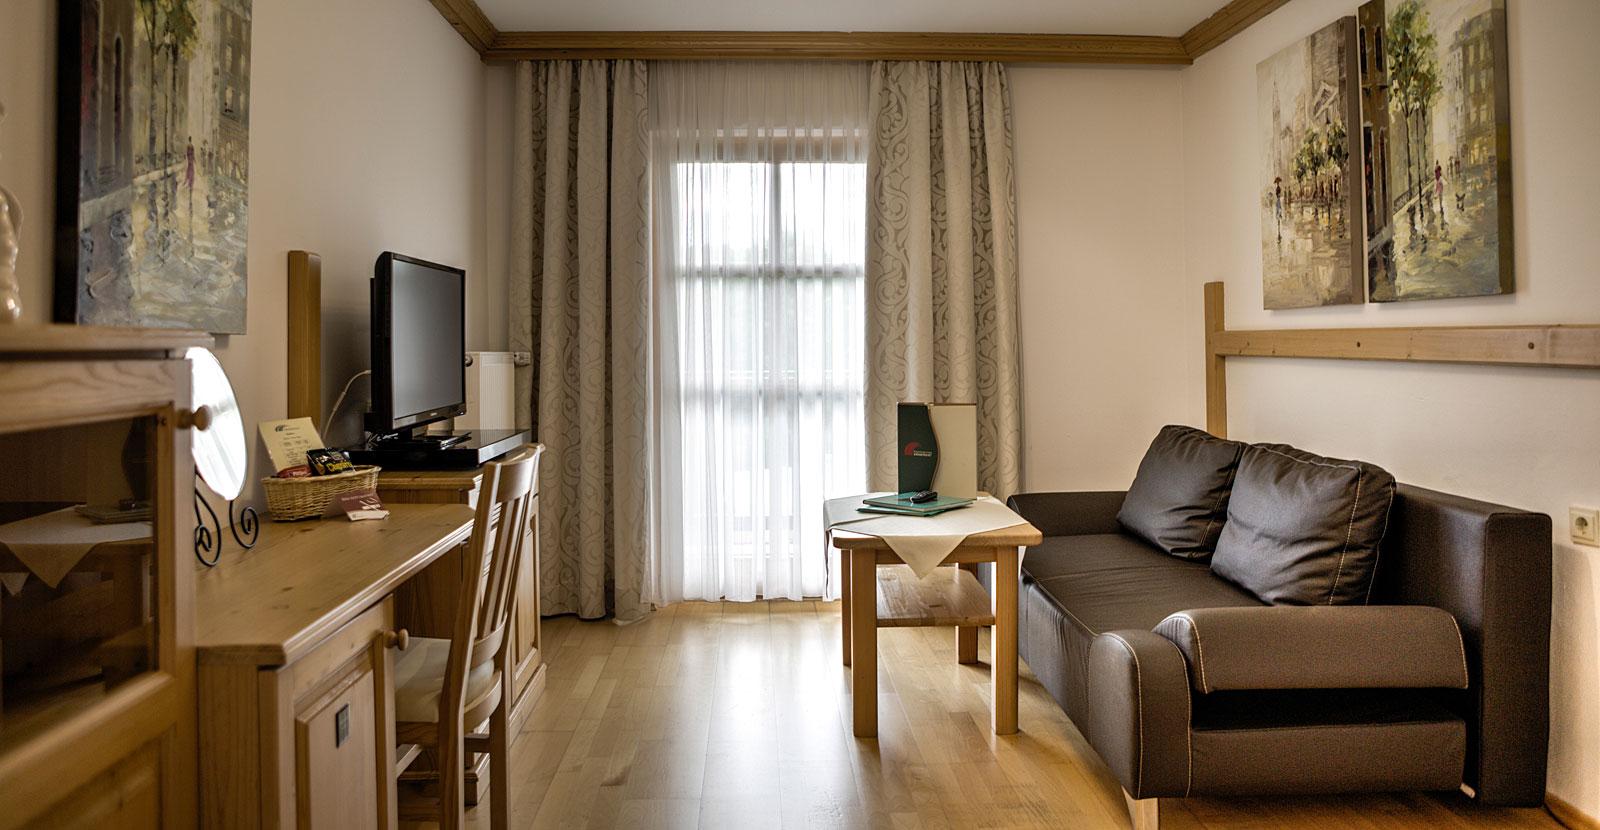 Hotel Kramerwirt im Bayerischen Wald - komfortable Zimmer